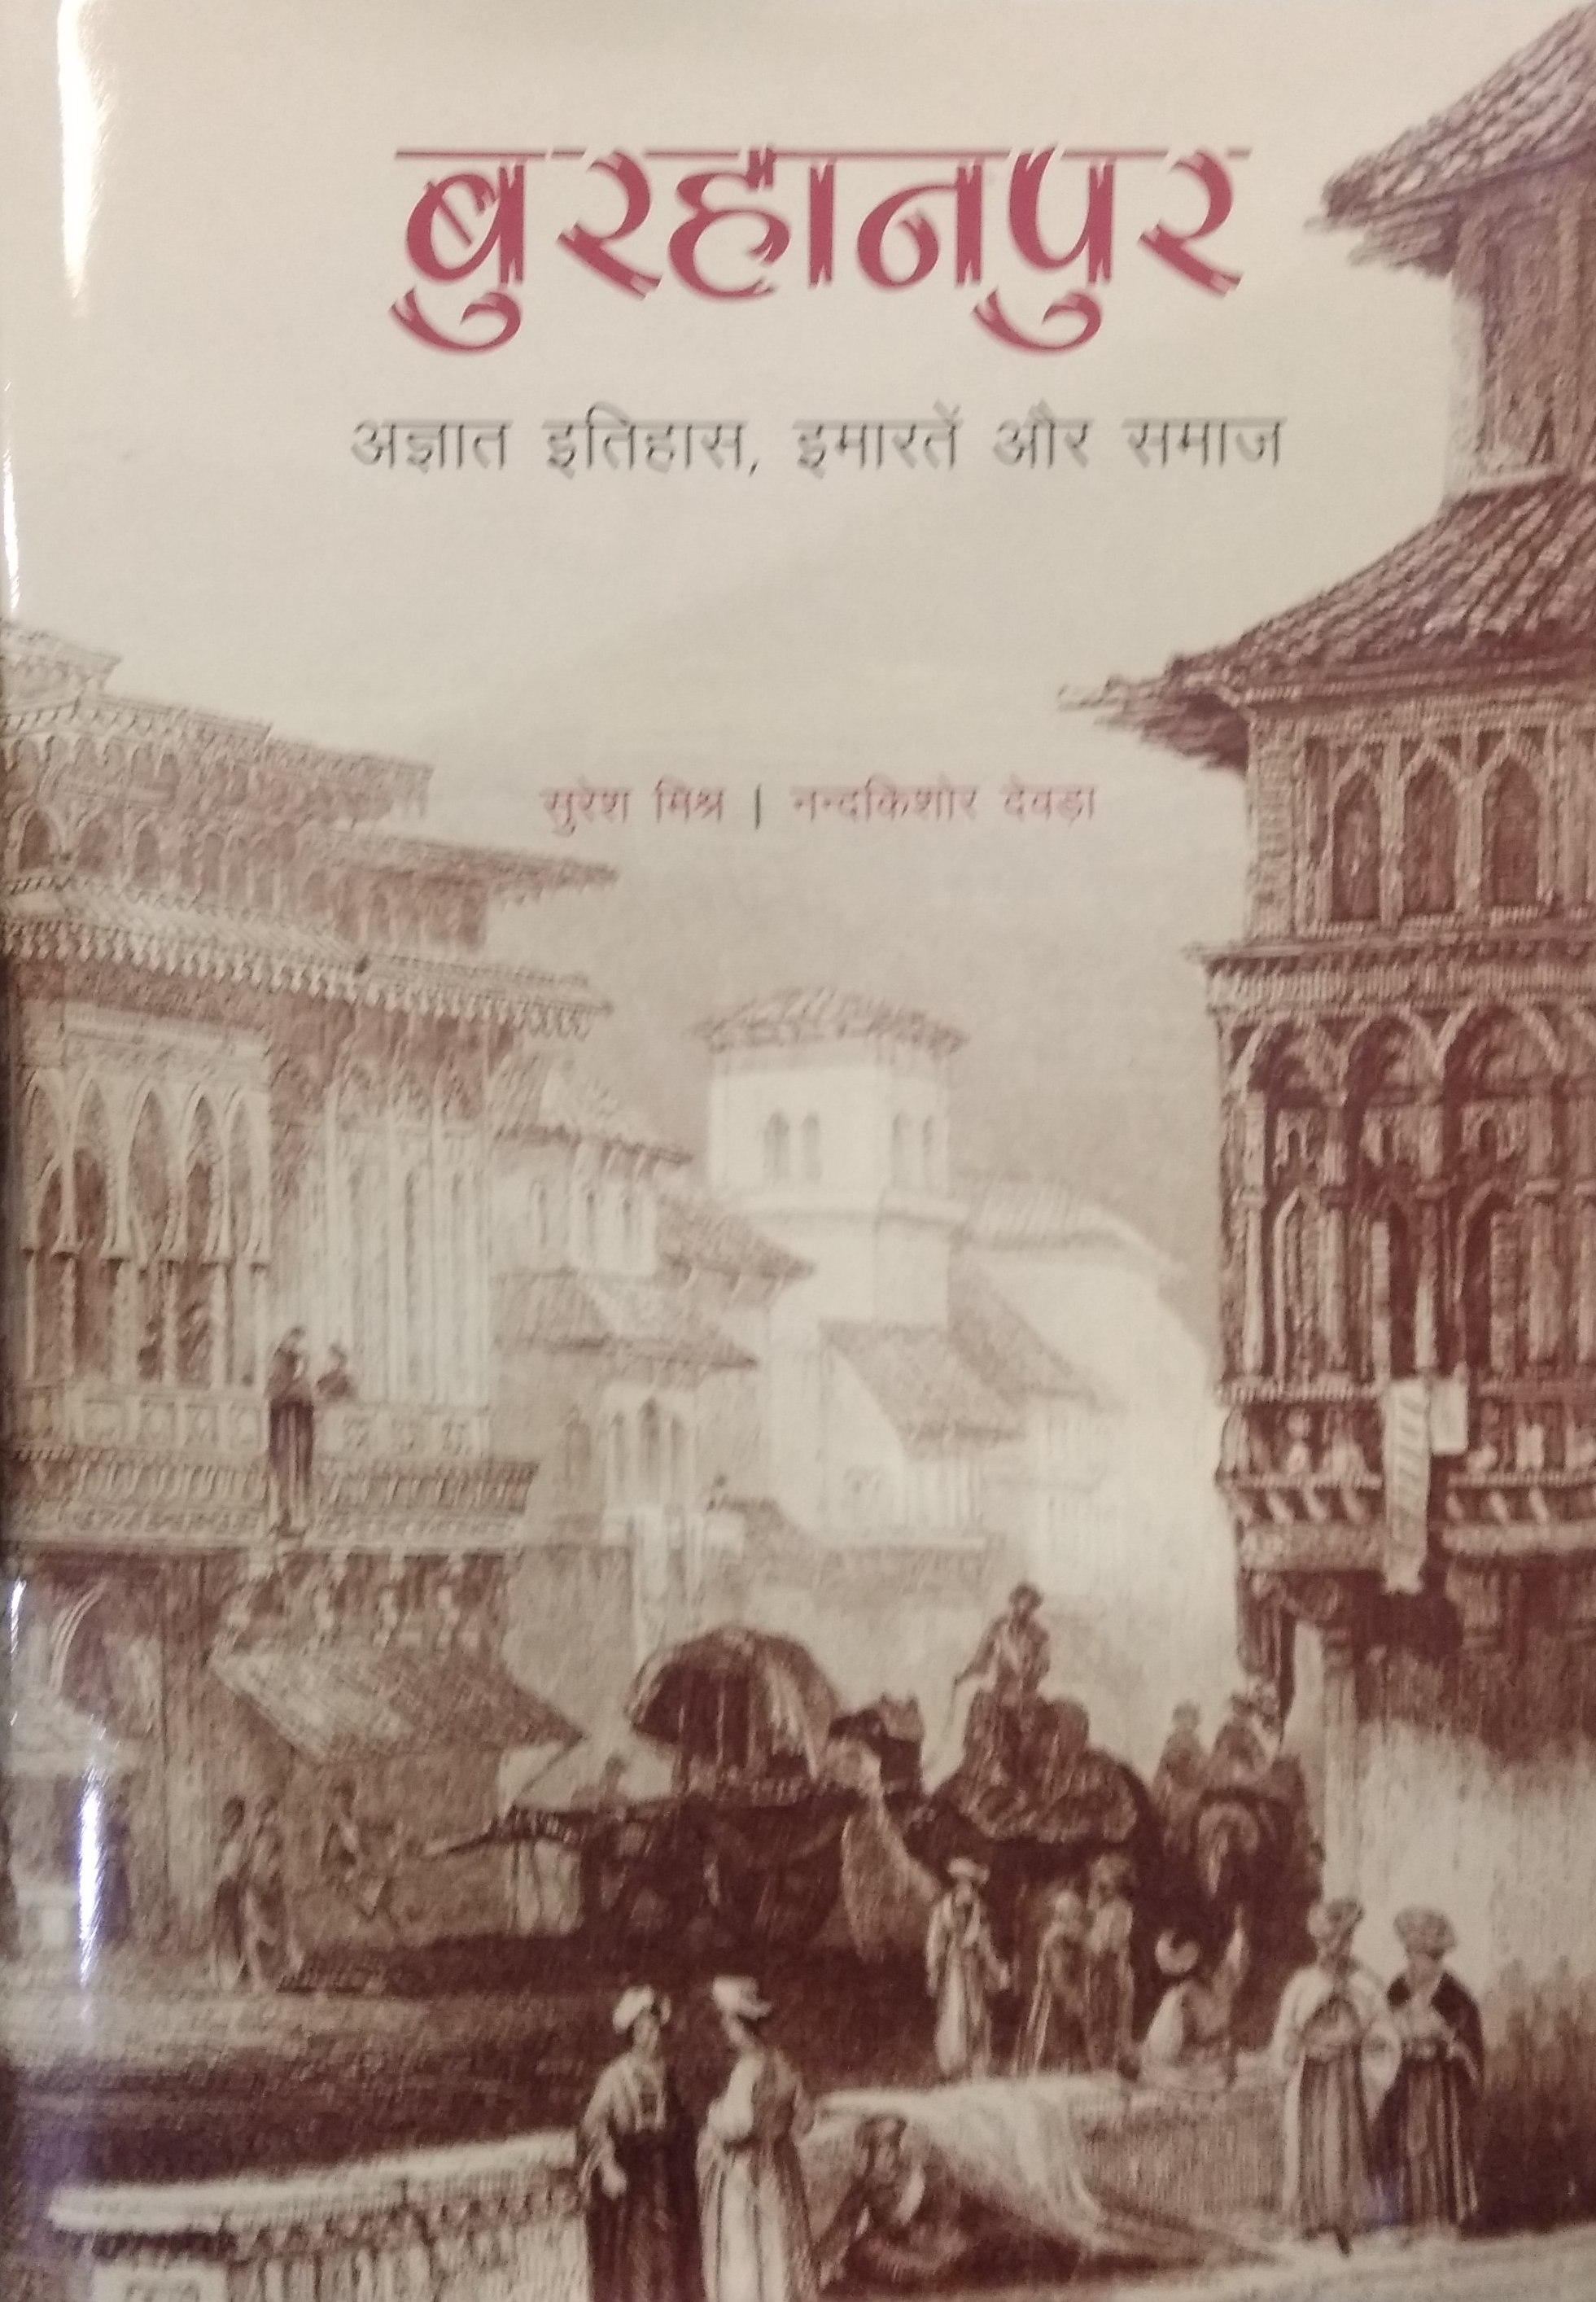 Burhanpur: Agyat Itihas, Emarate aur Samaj (Hindi)